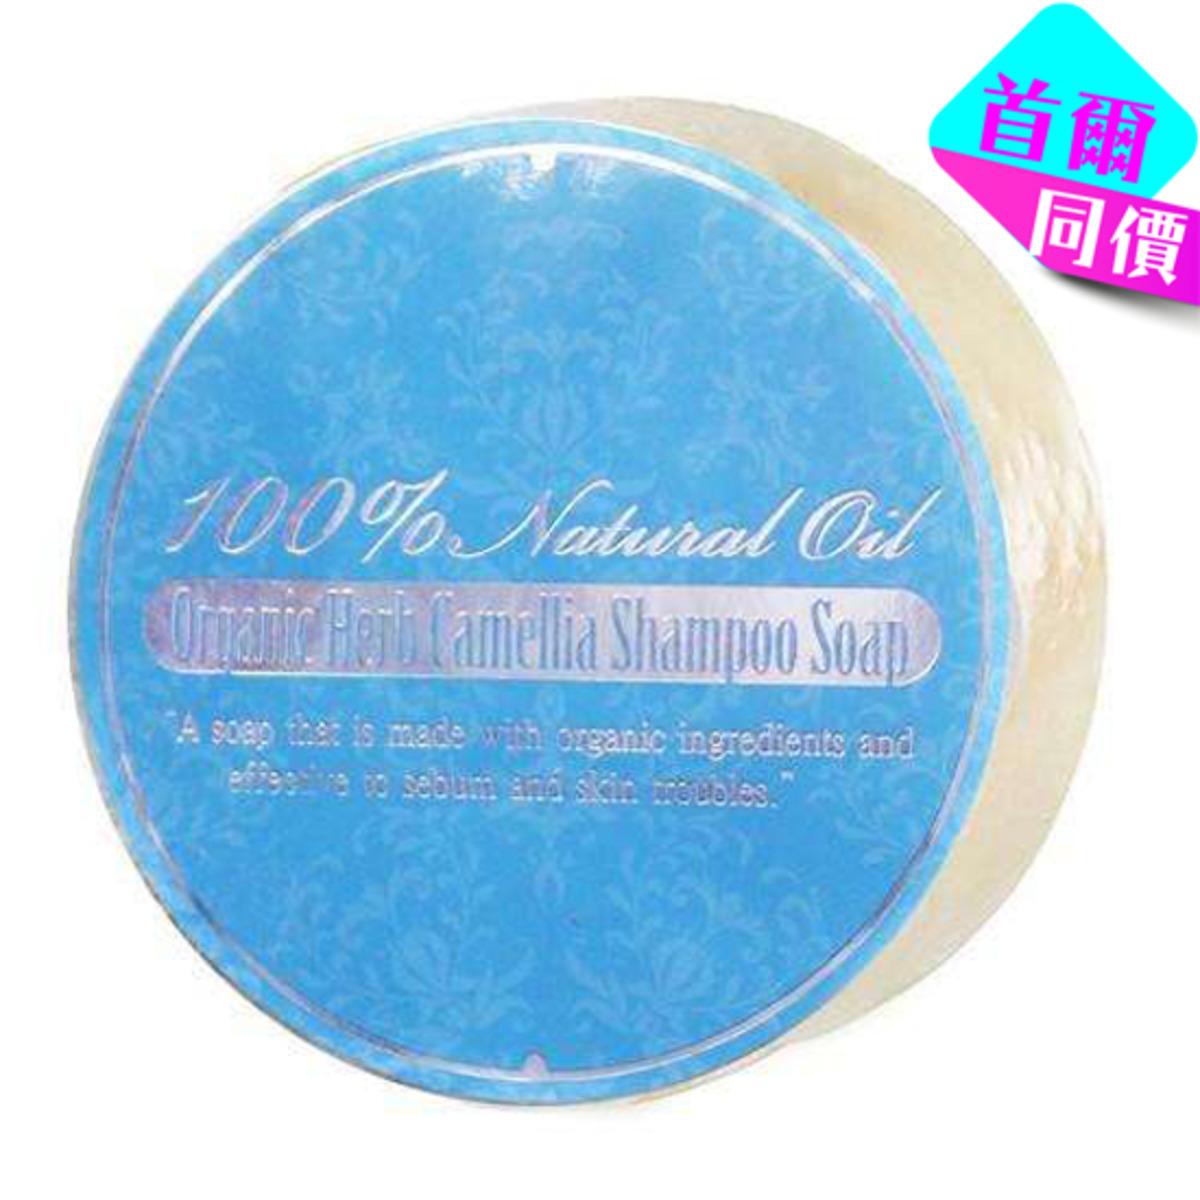 天然中草藥洗髮皂